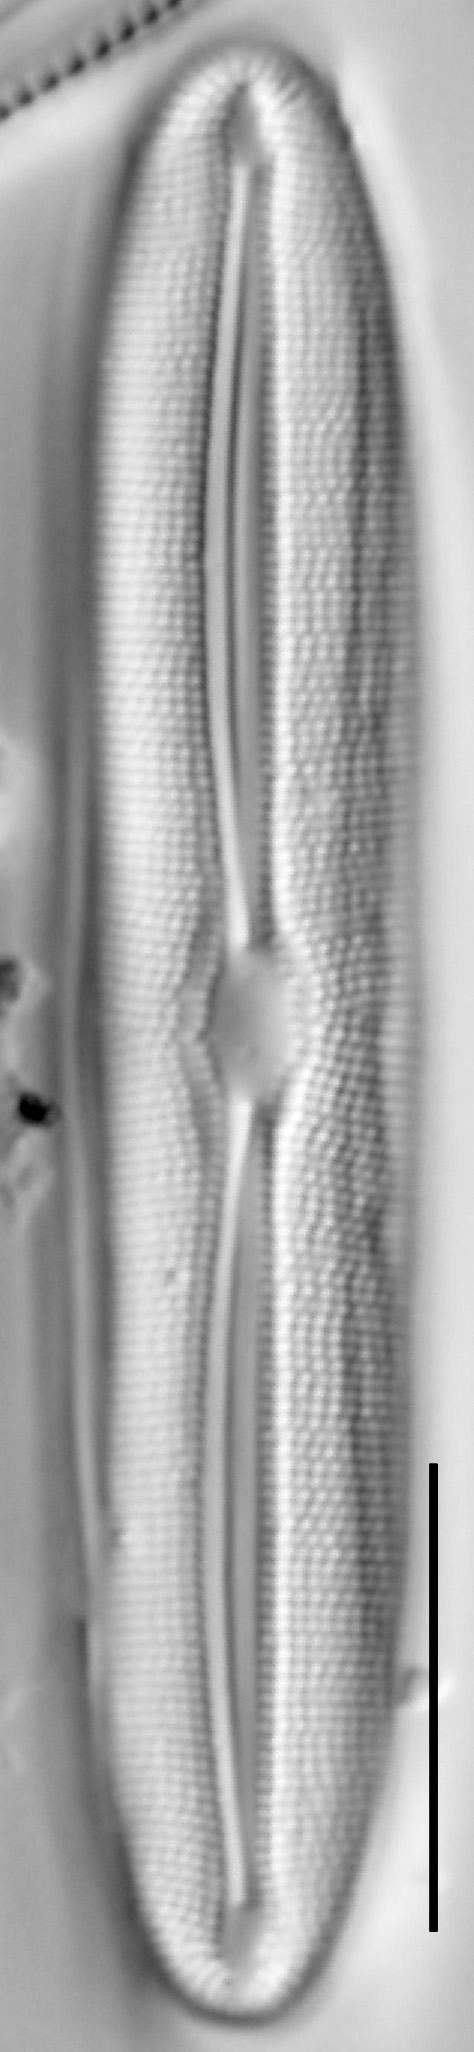 Frustulia asiatica LM5